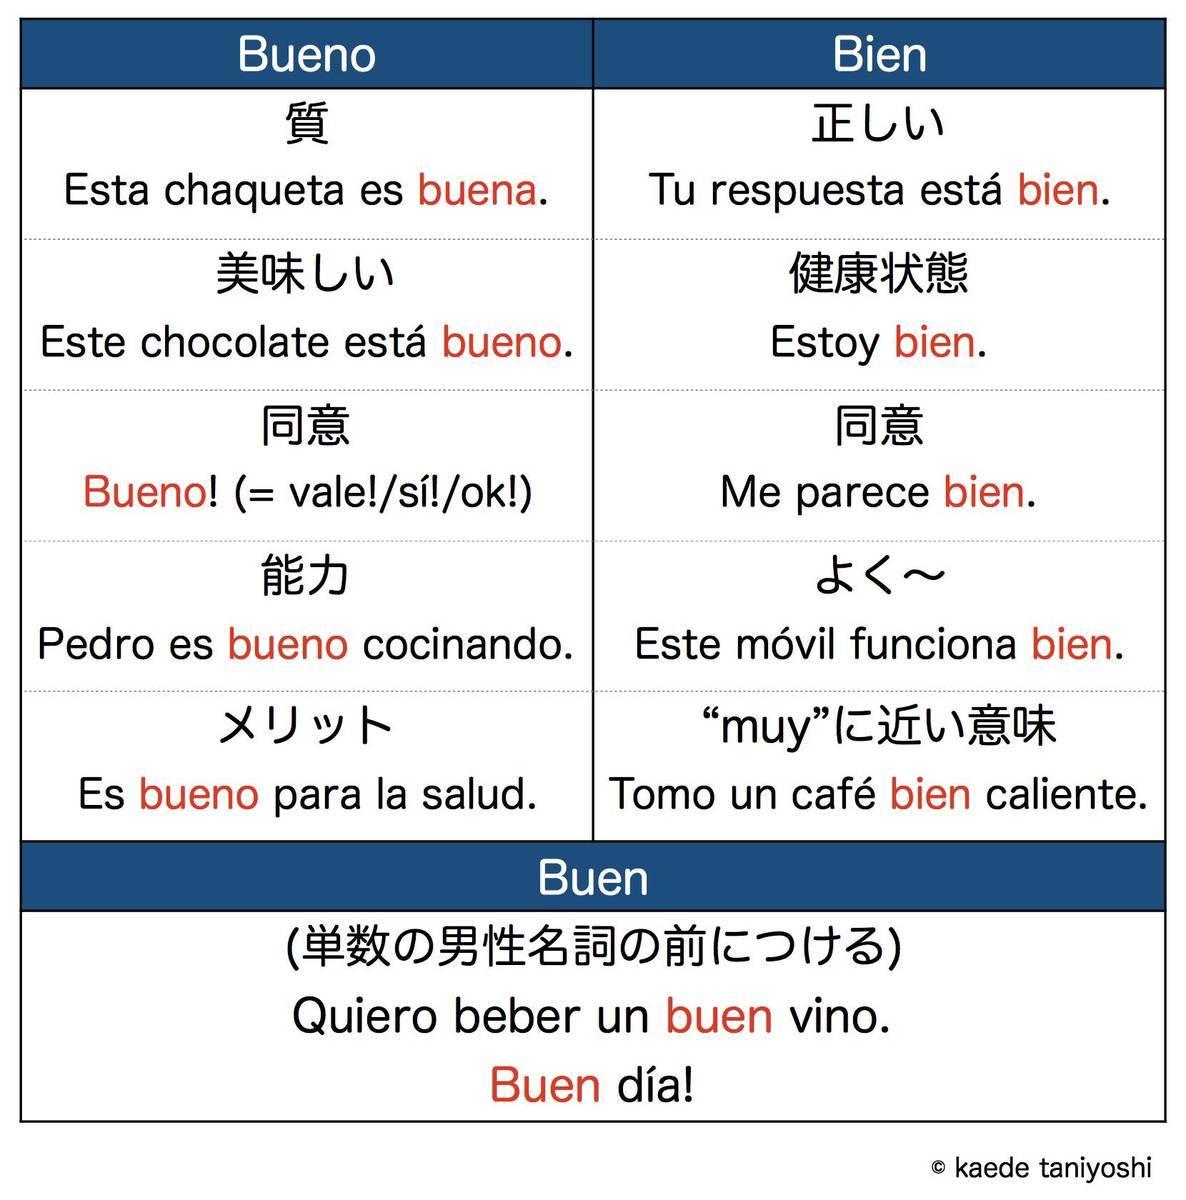 f:id:kaedetaniyoshi:20210418050042j:plain